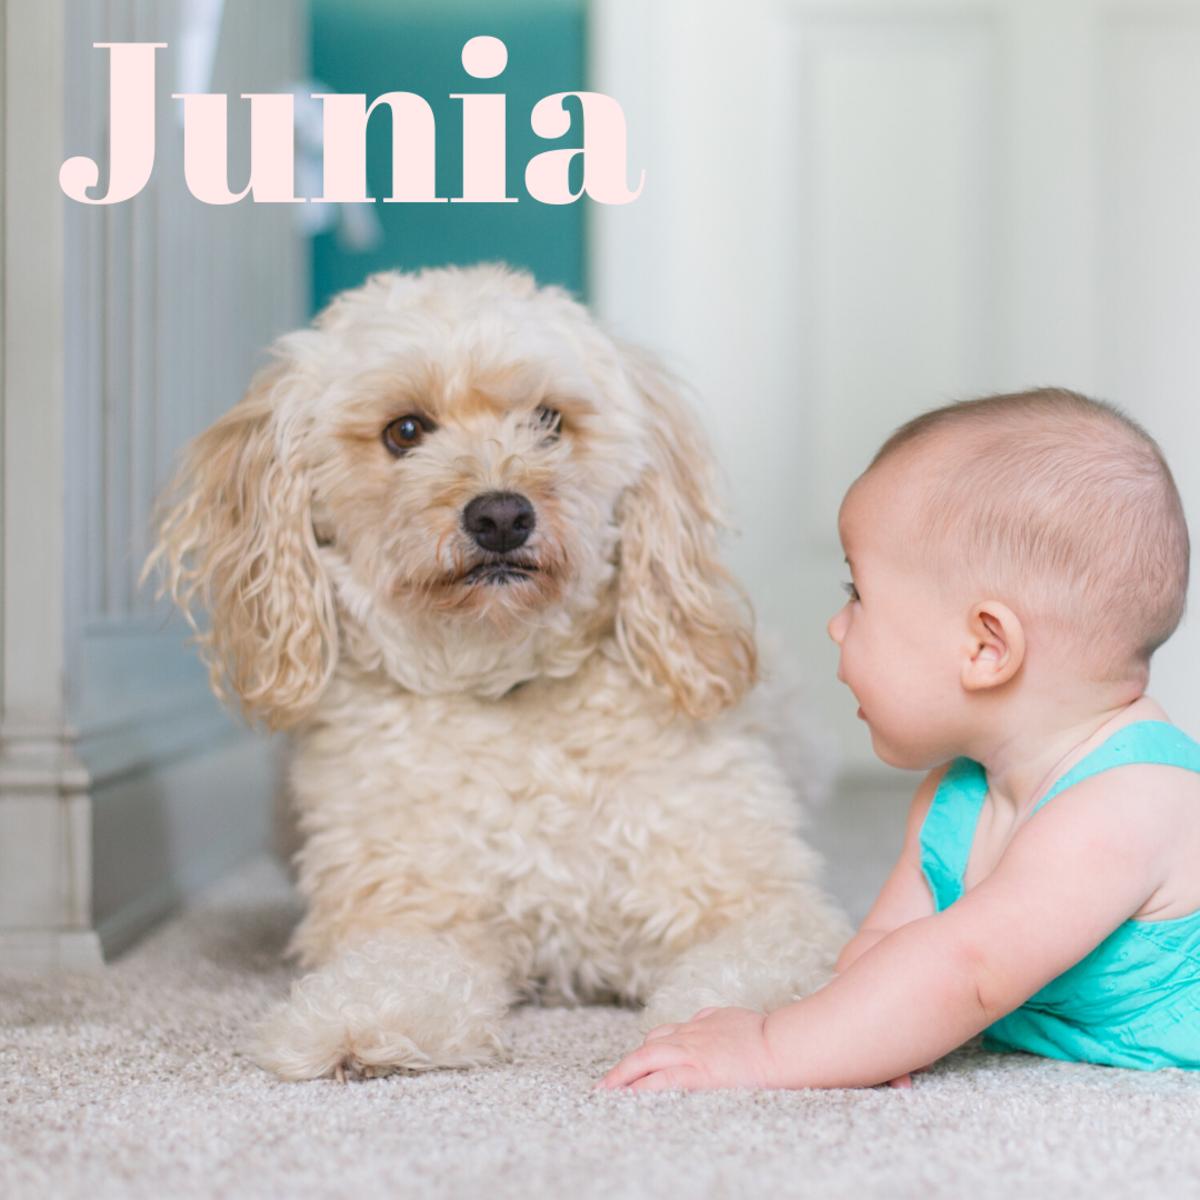 Baby Junia